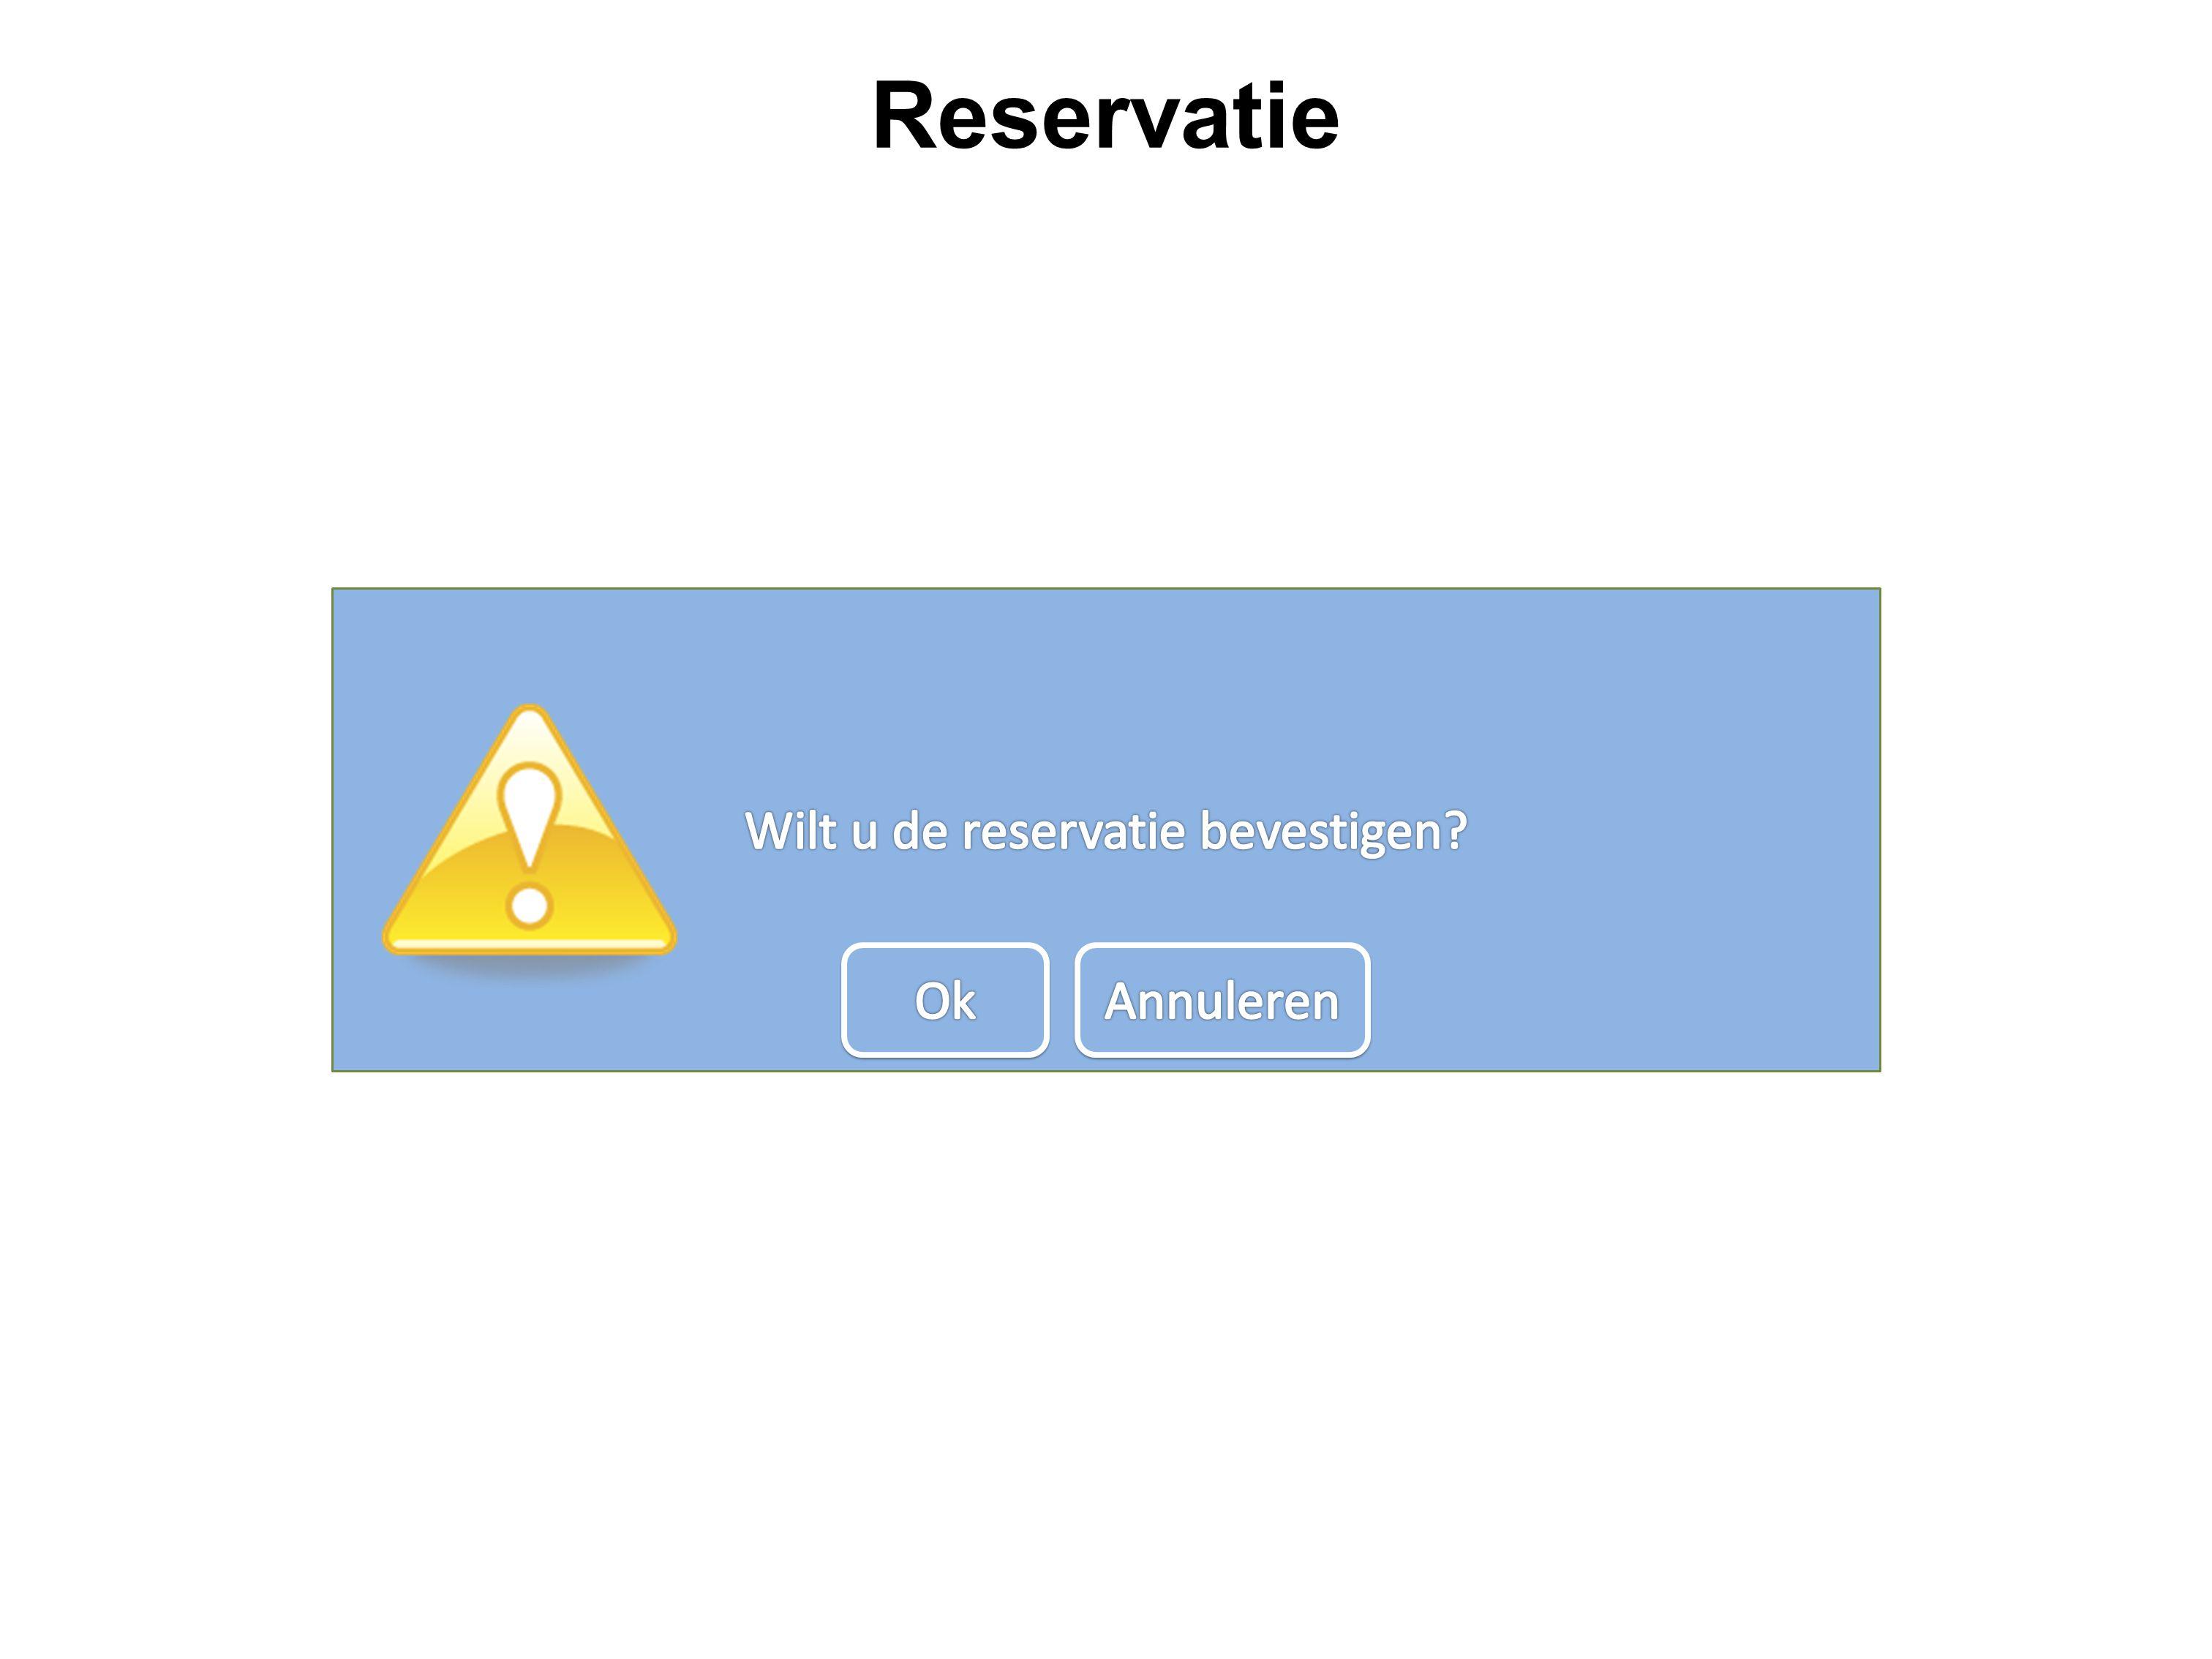 Reservatie